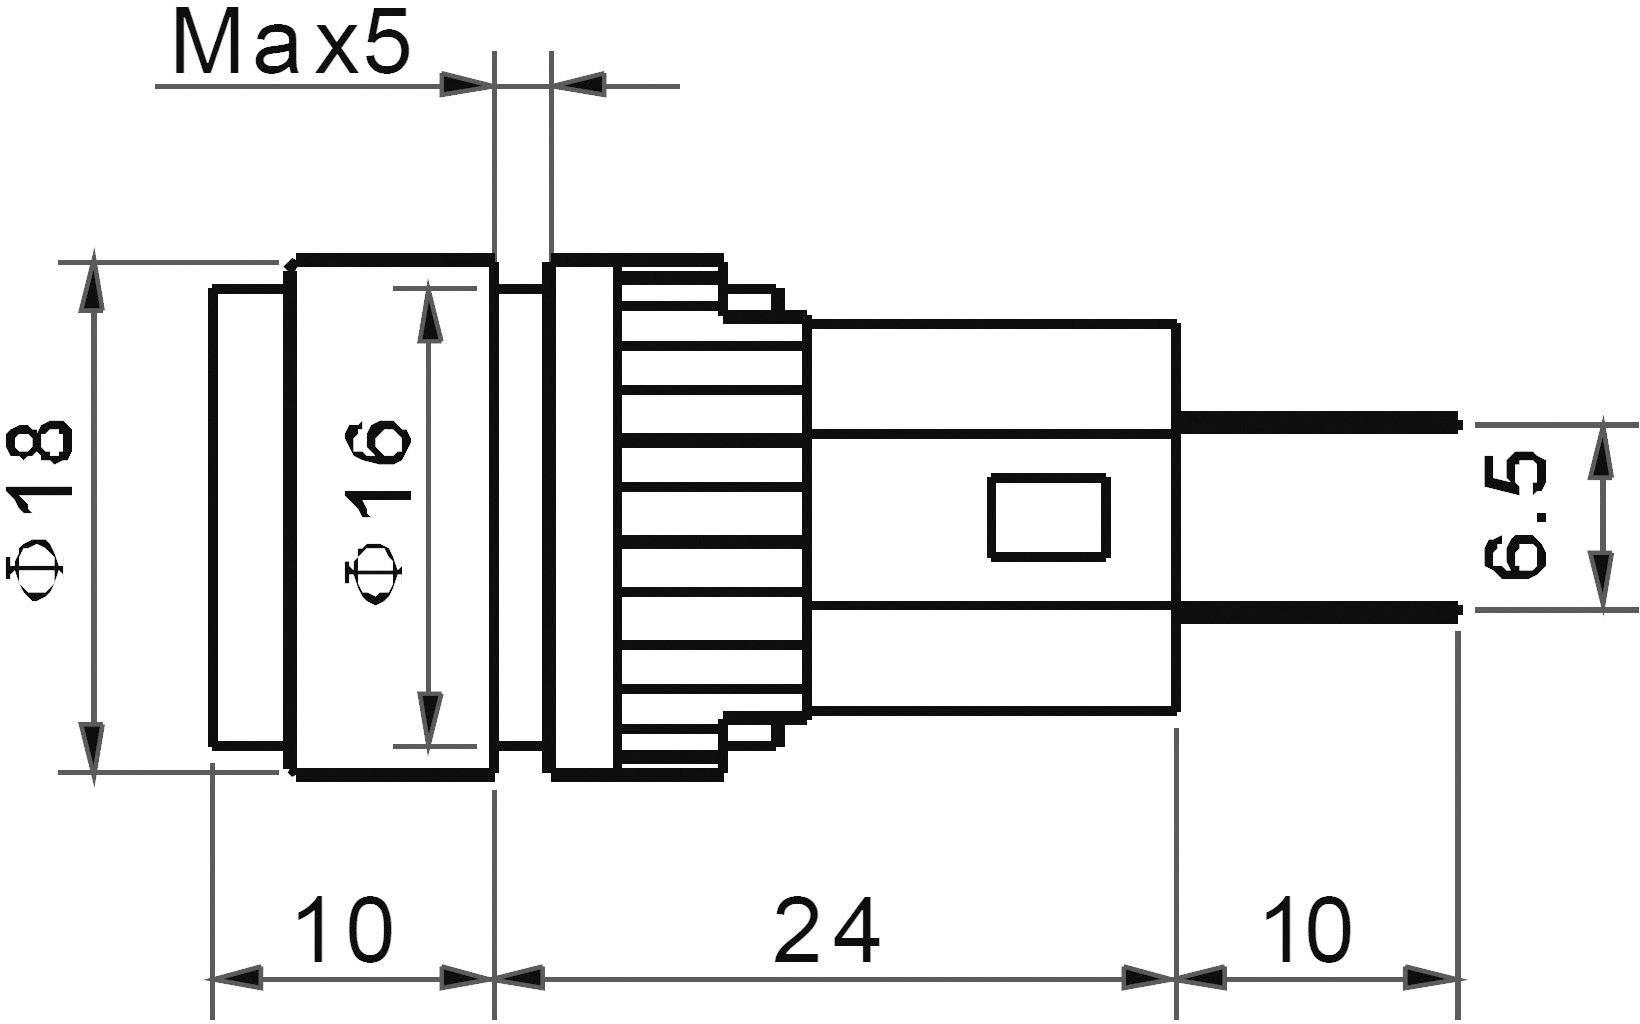 IndikačnéLED TRU COMPONENTS AD16-16A/12V/R, 12 V/DC, 12 V/AC, červená